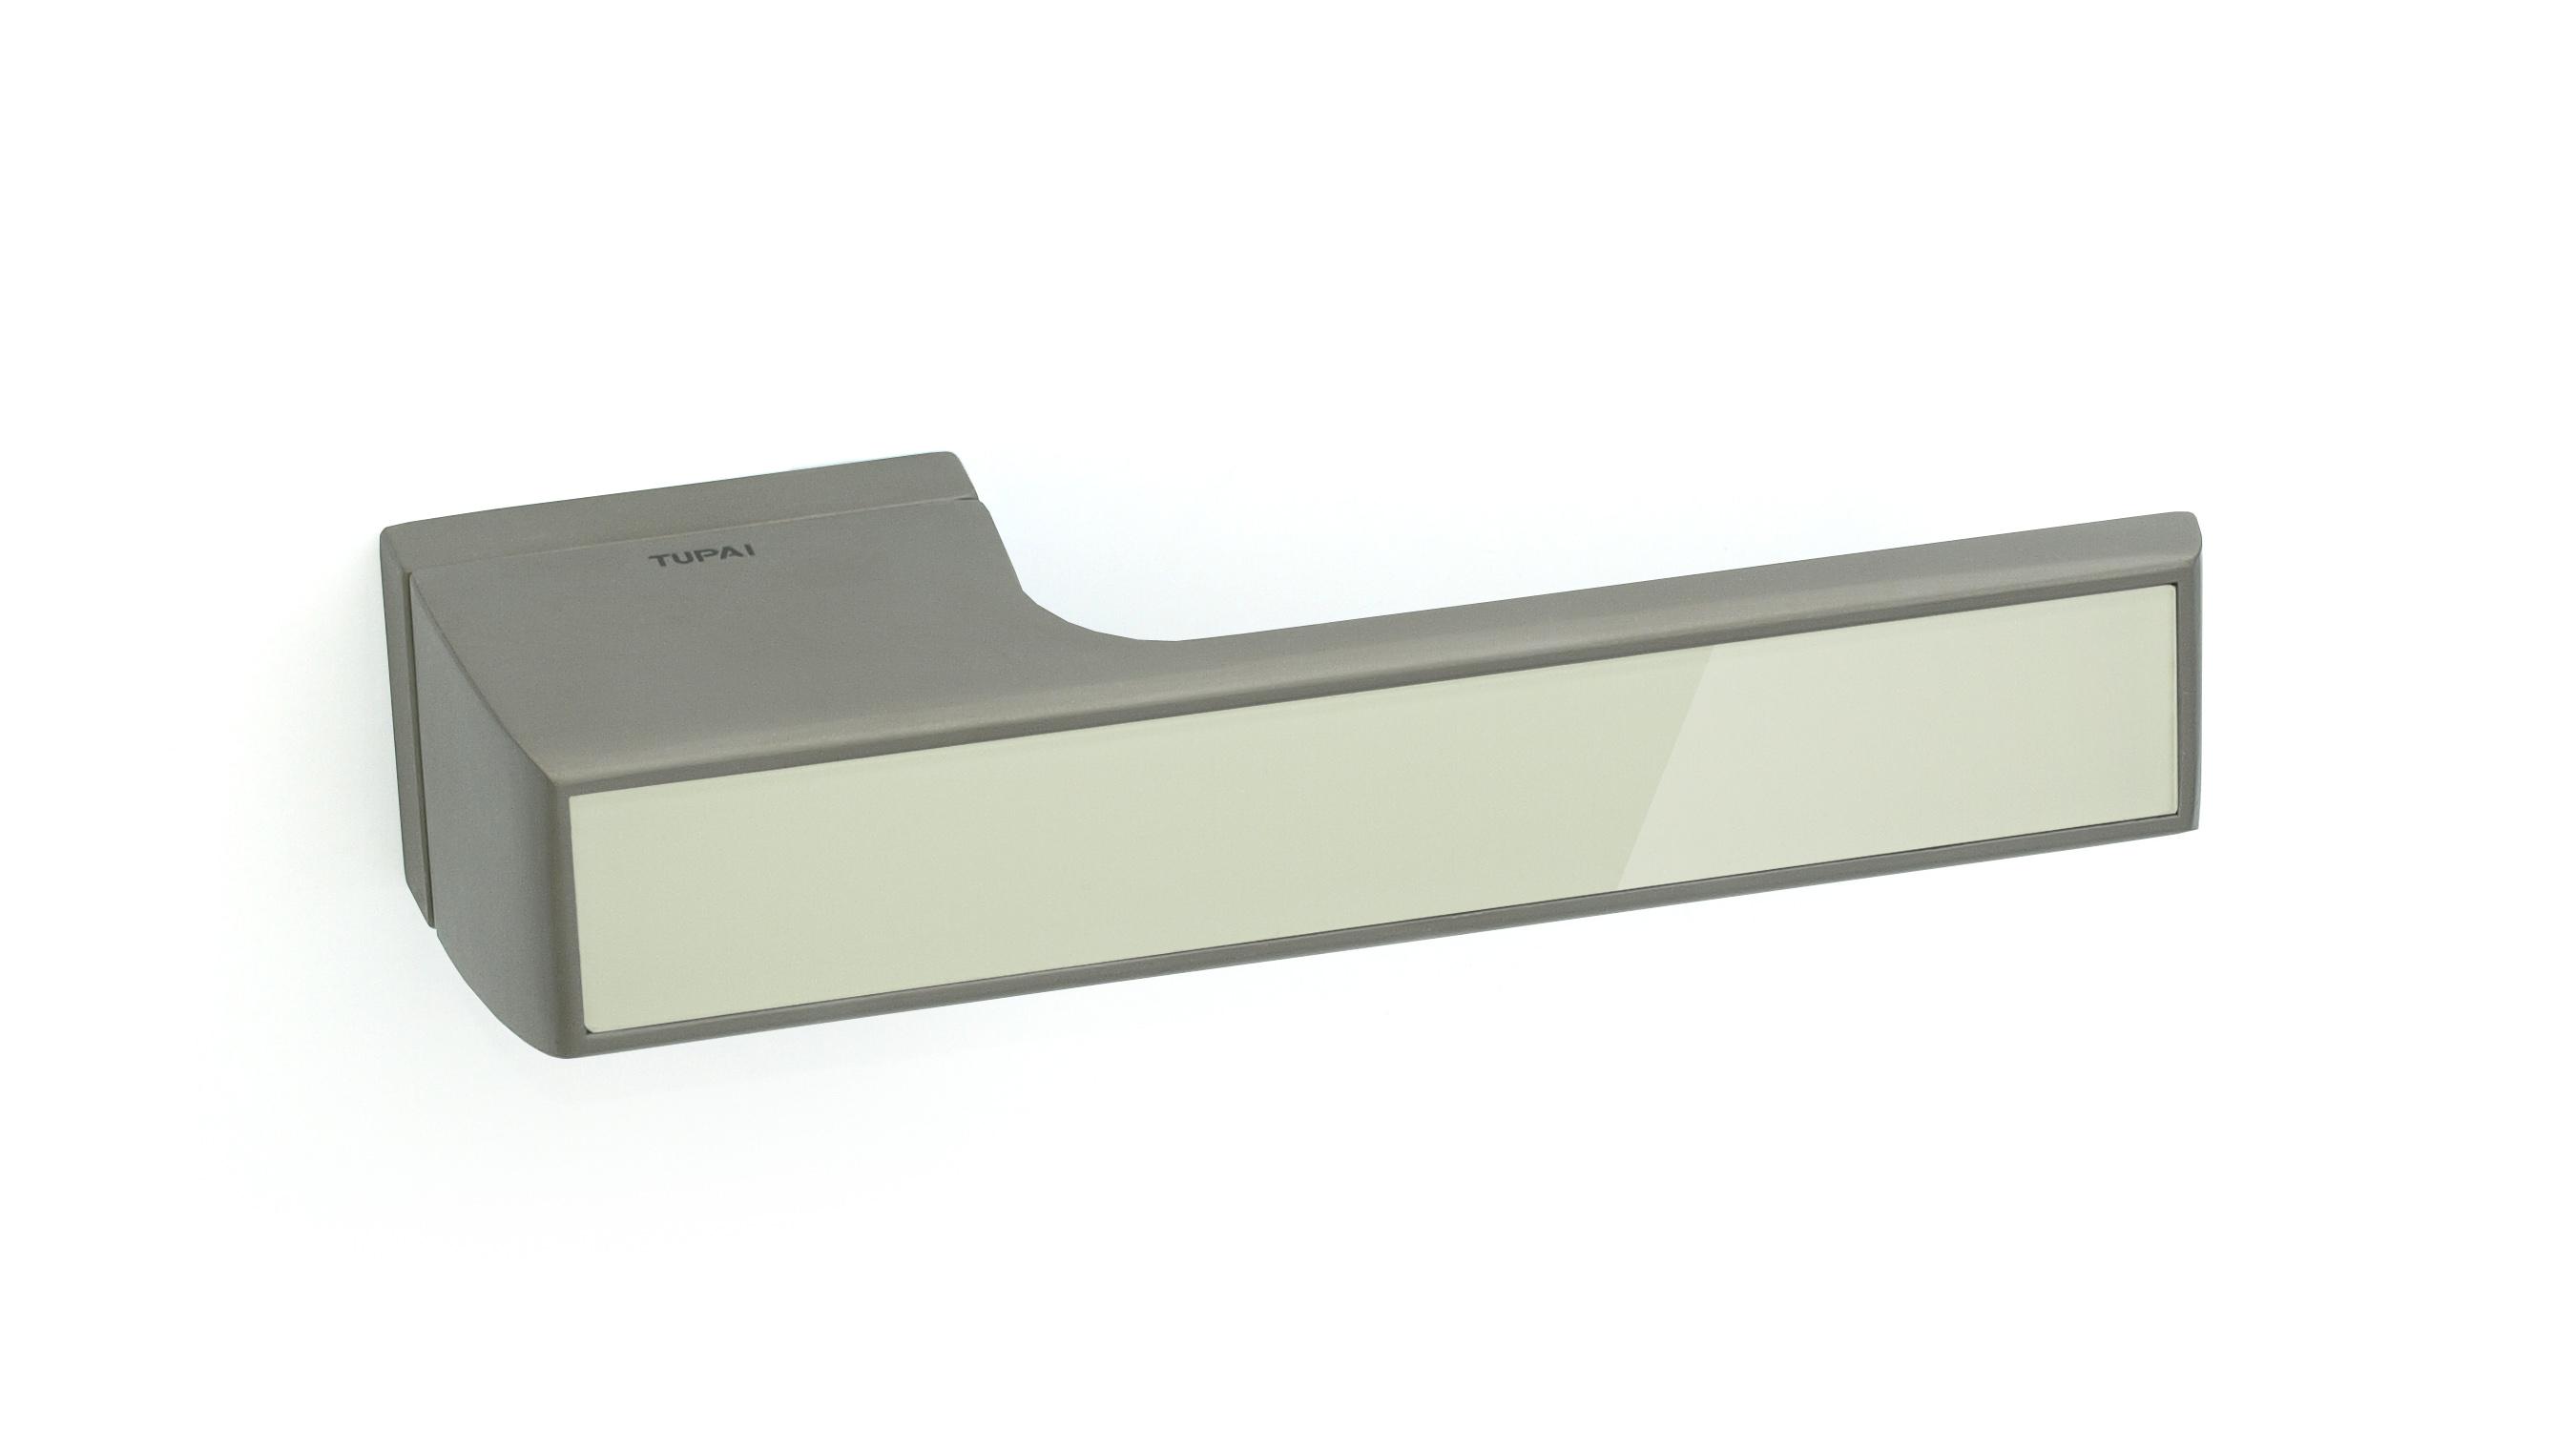 3089RT-141-EKRI